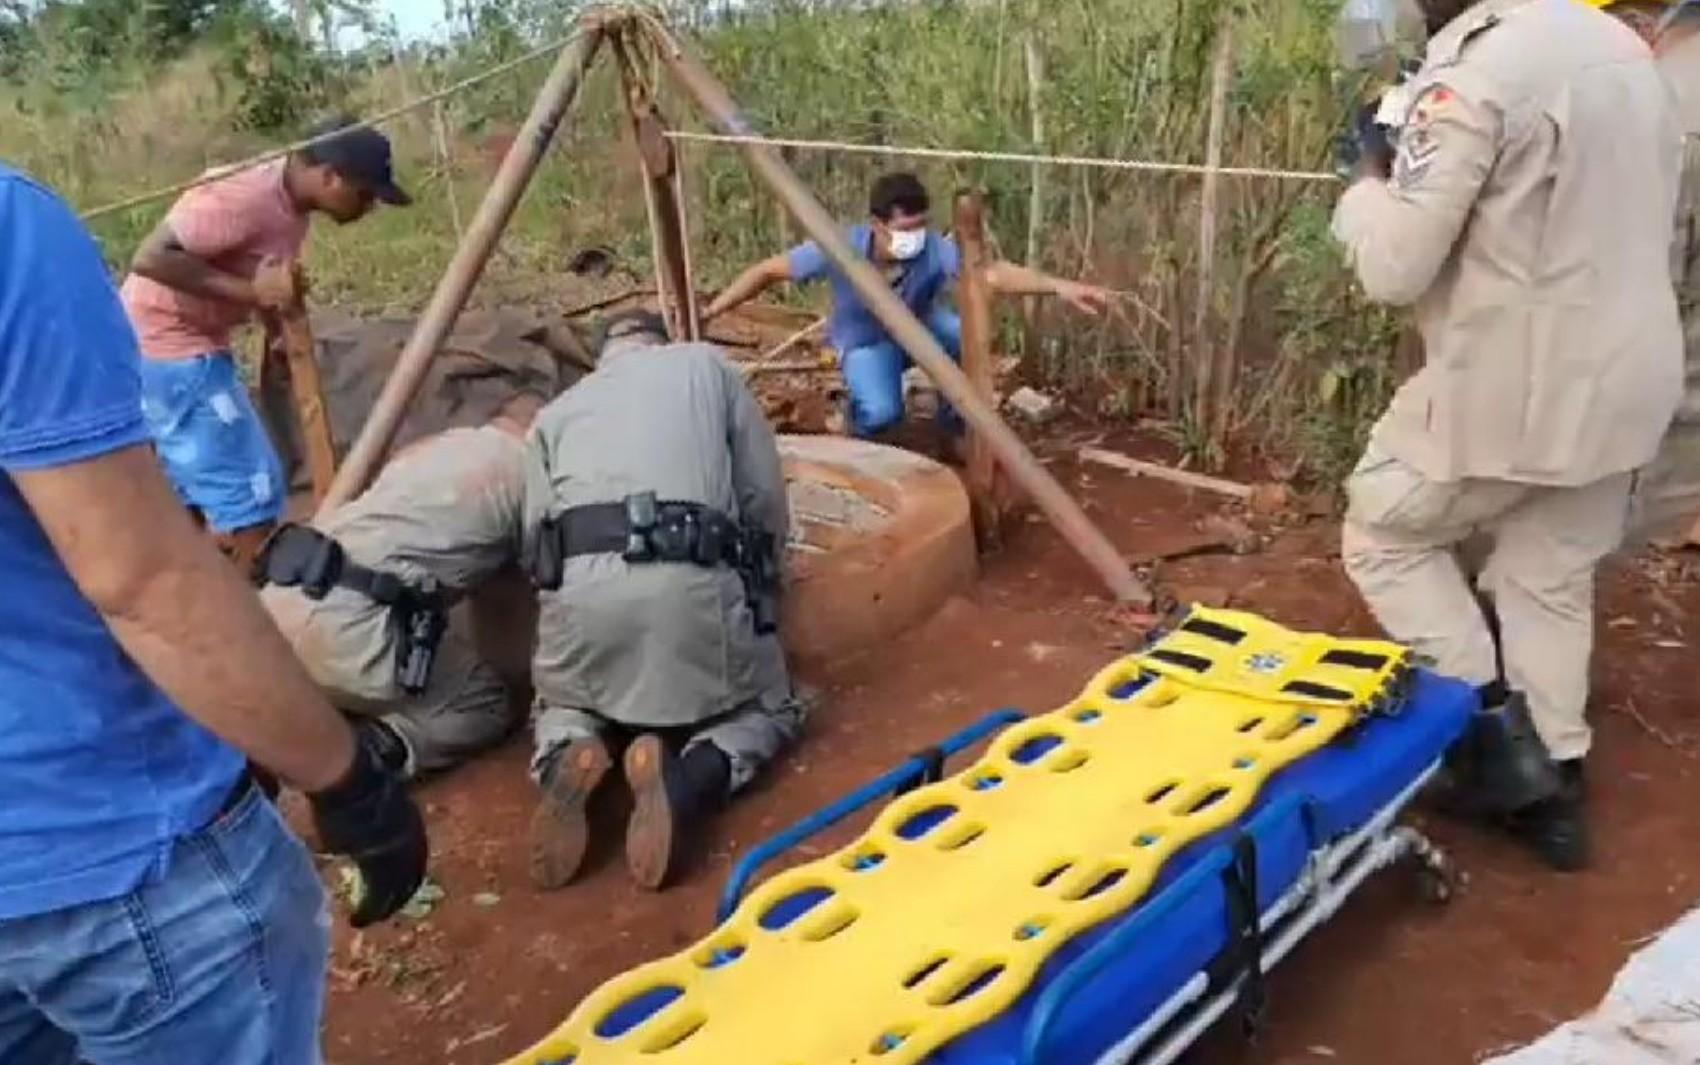 Adolescente morre após ficar sem ar dentro de cisterna a 6 metros de profundidade, em Santa Helena de Goiás